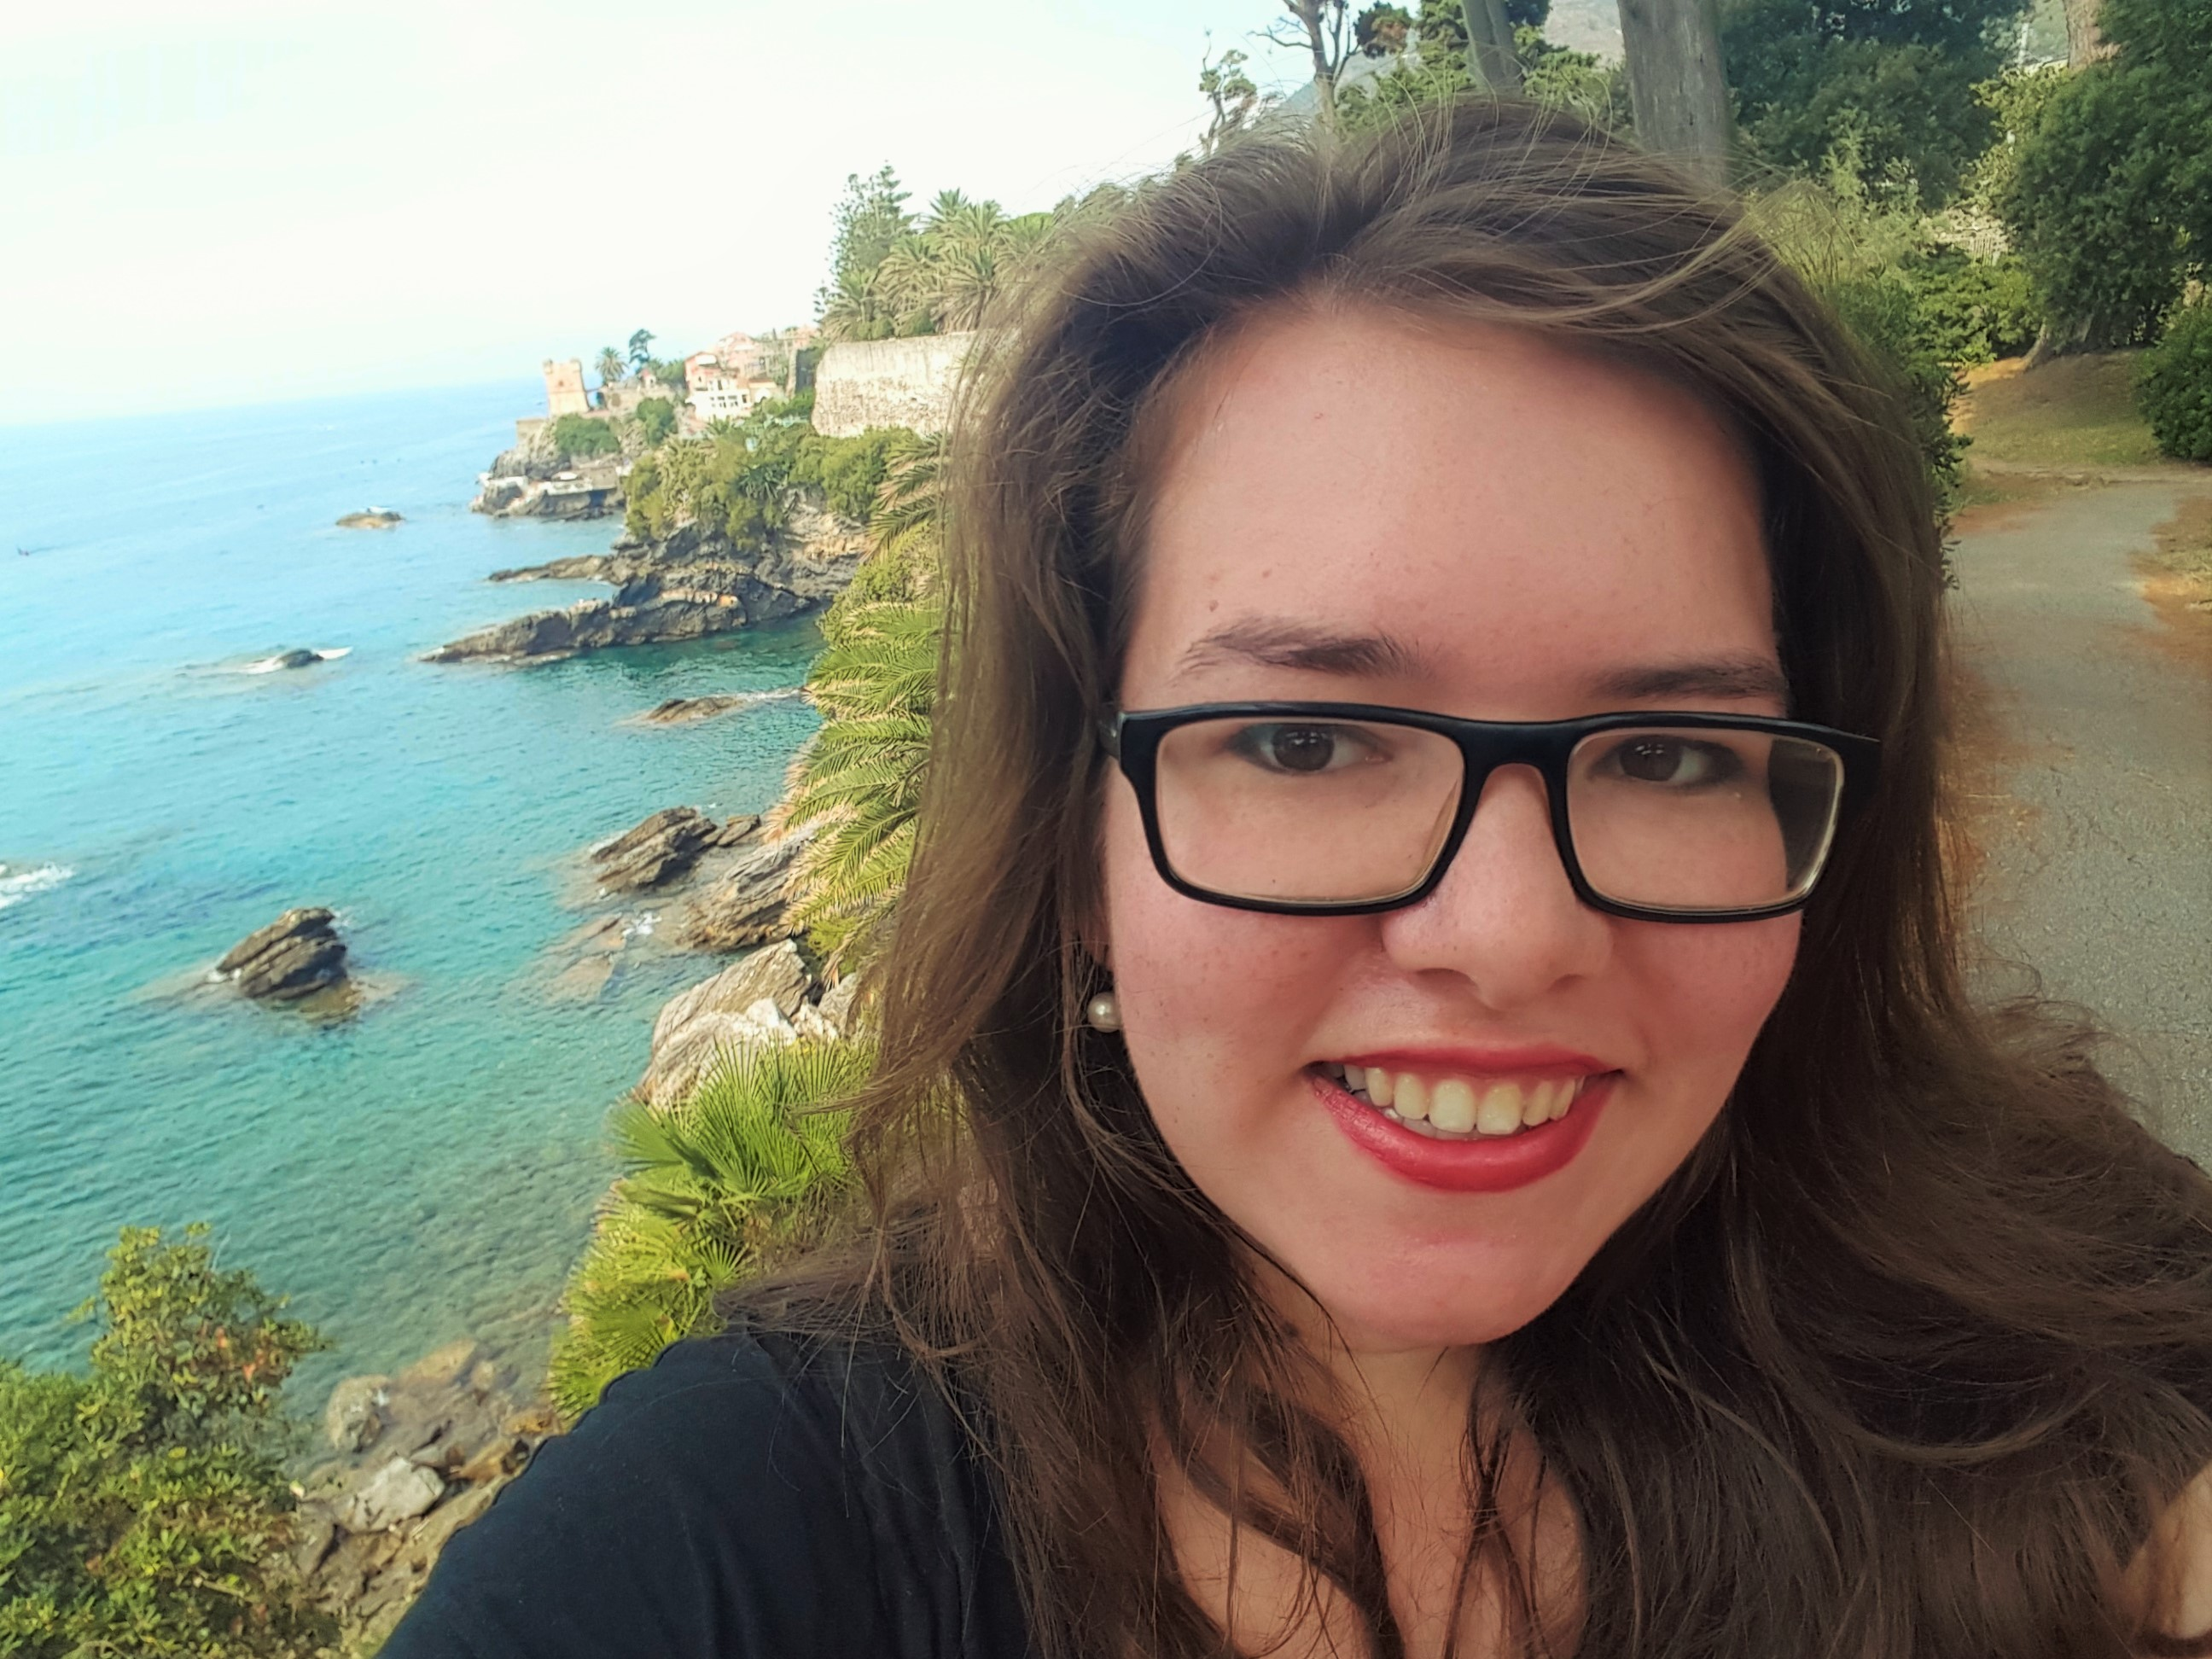 Zurück zu Hause: Mein Italien-Fazit